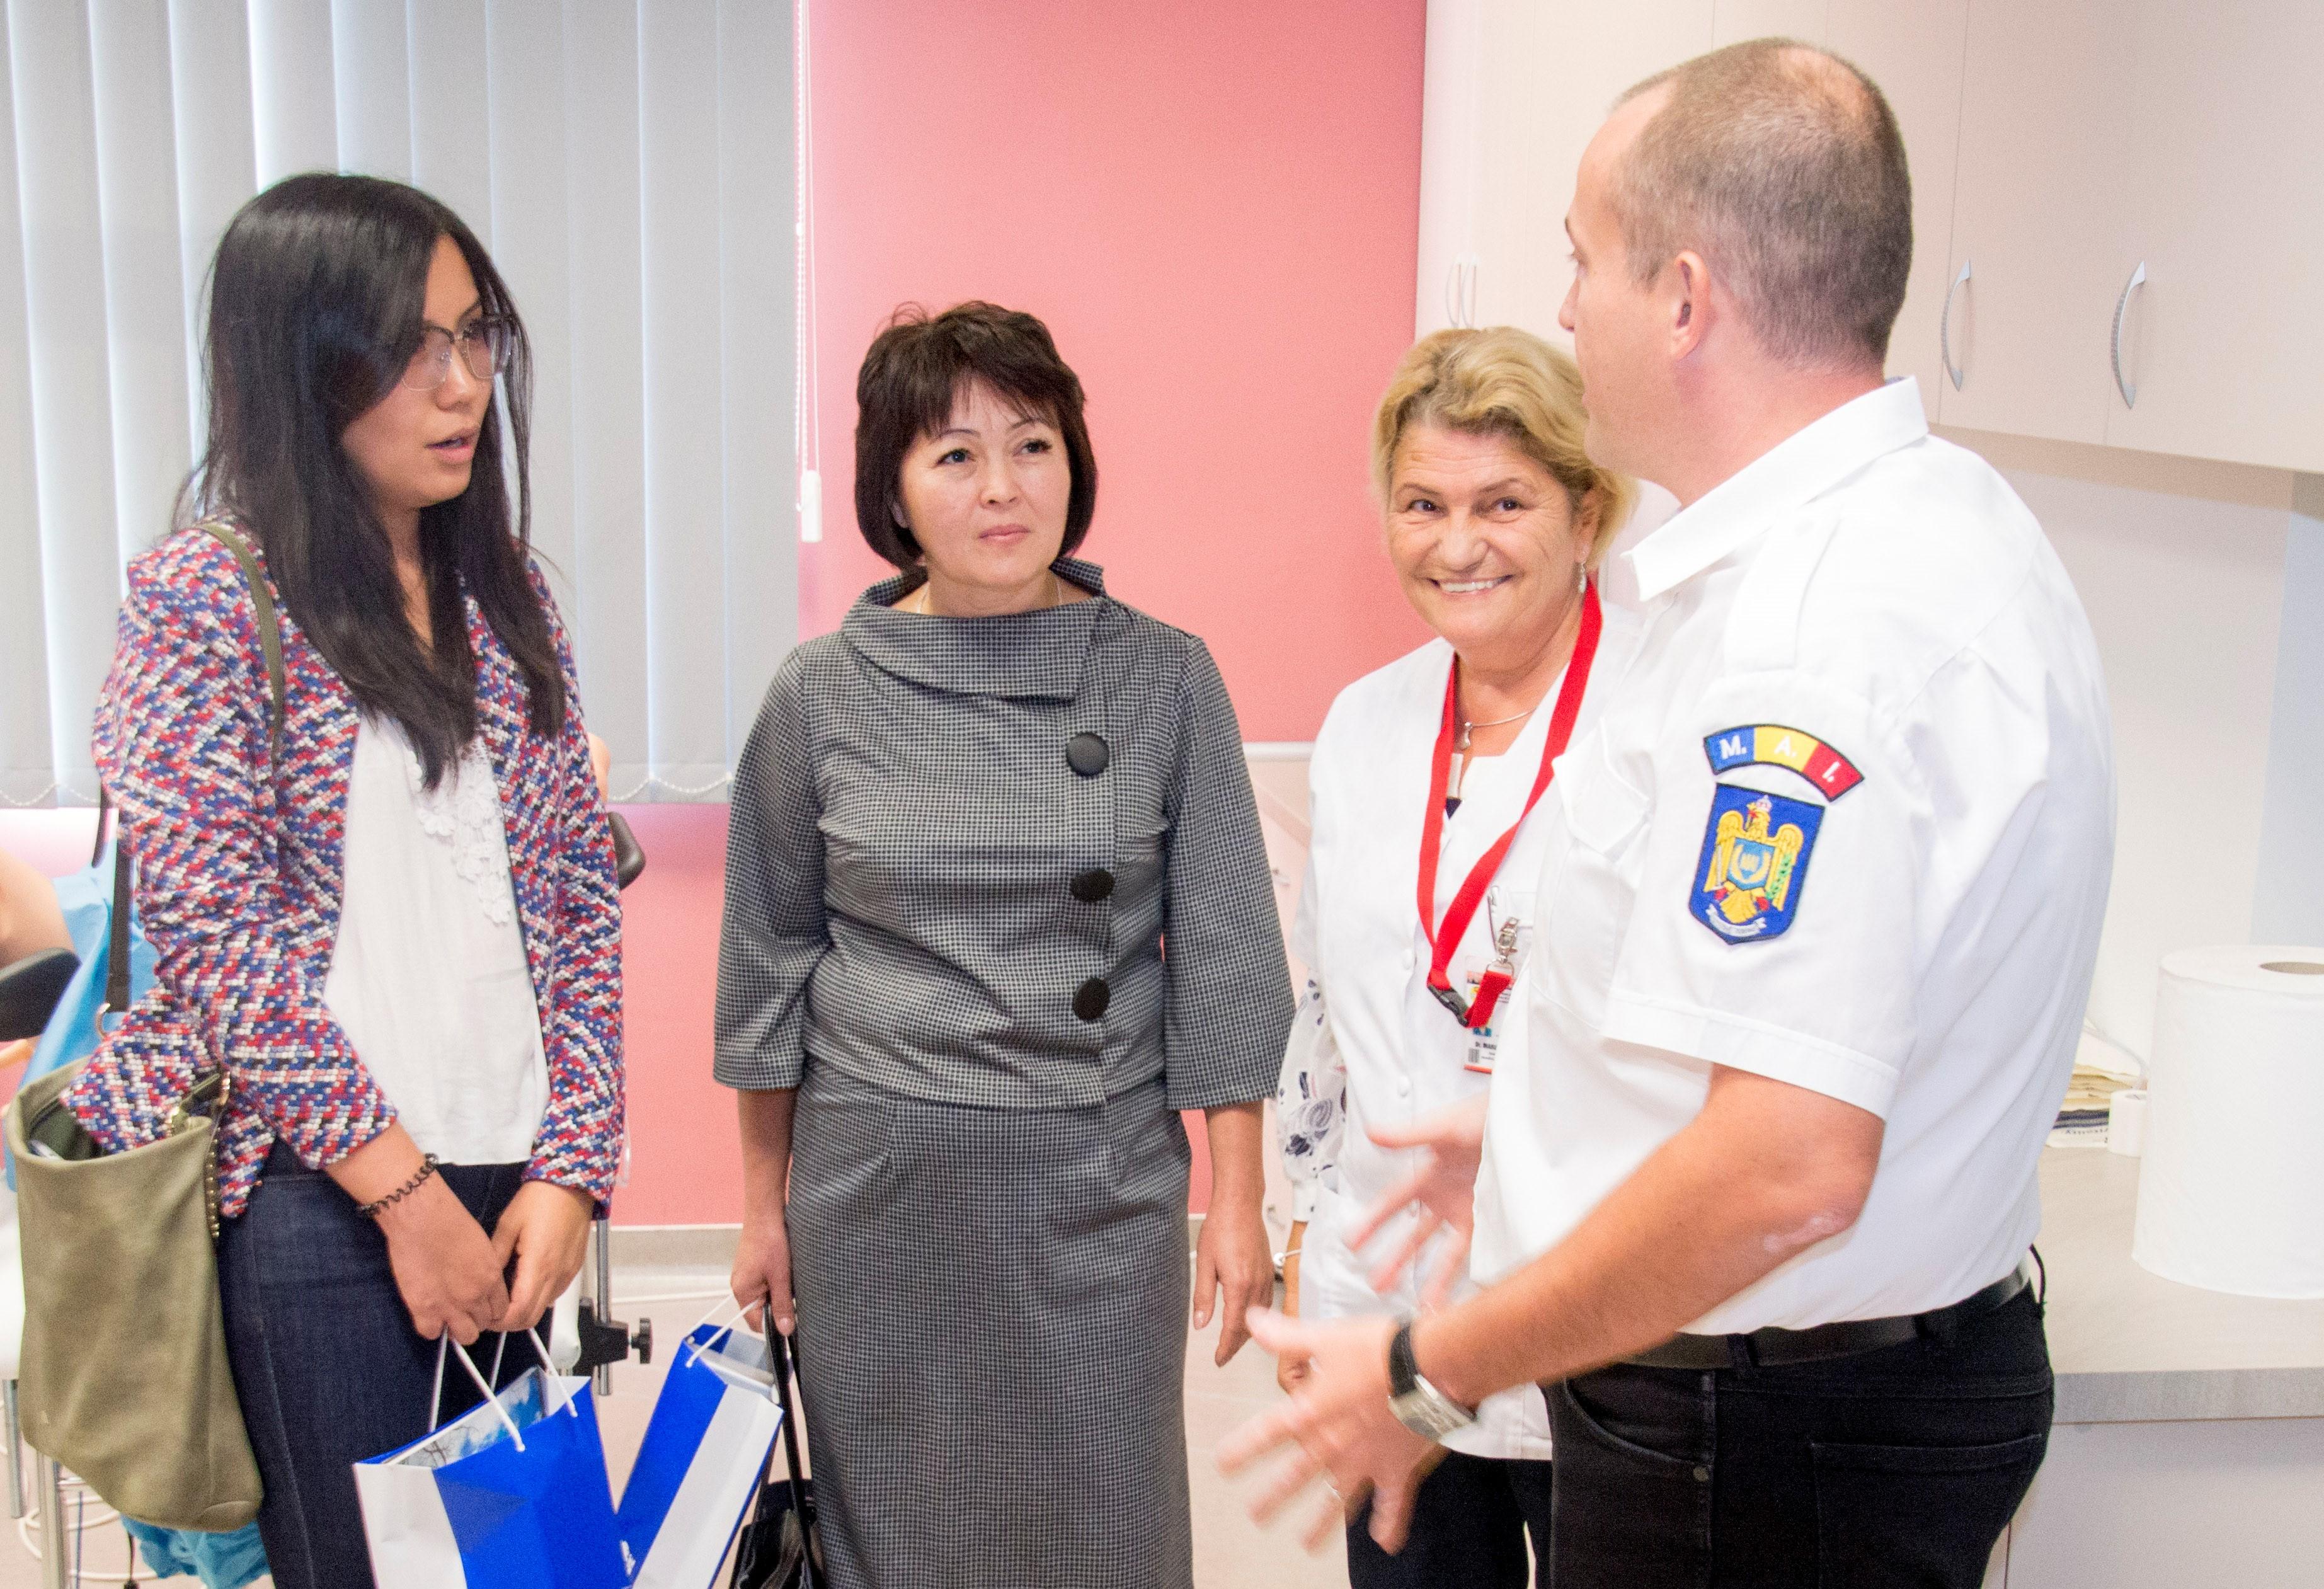 Delegație universitară din Kazakhstan, în vizită la UMF Tîrgu Mureș